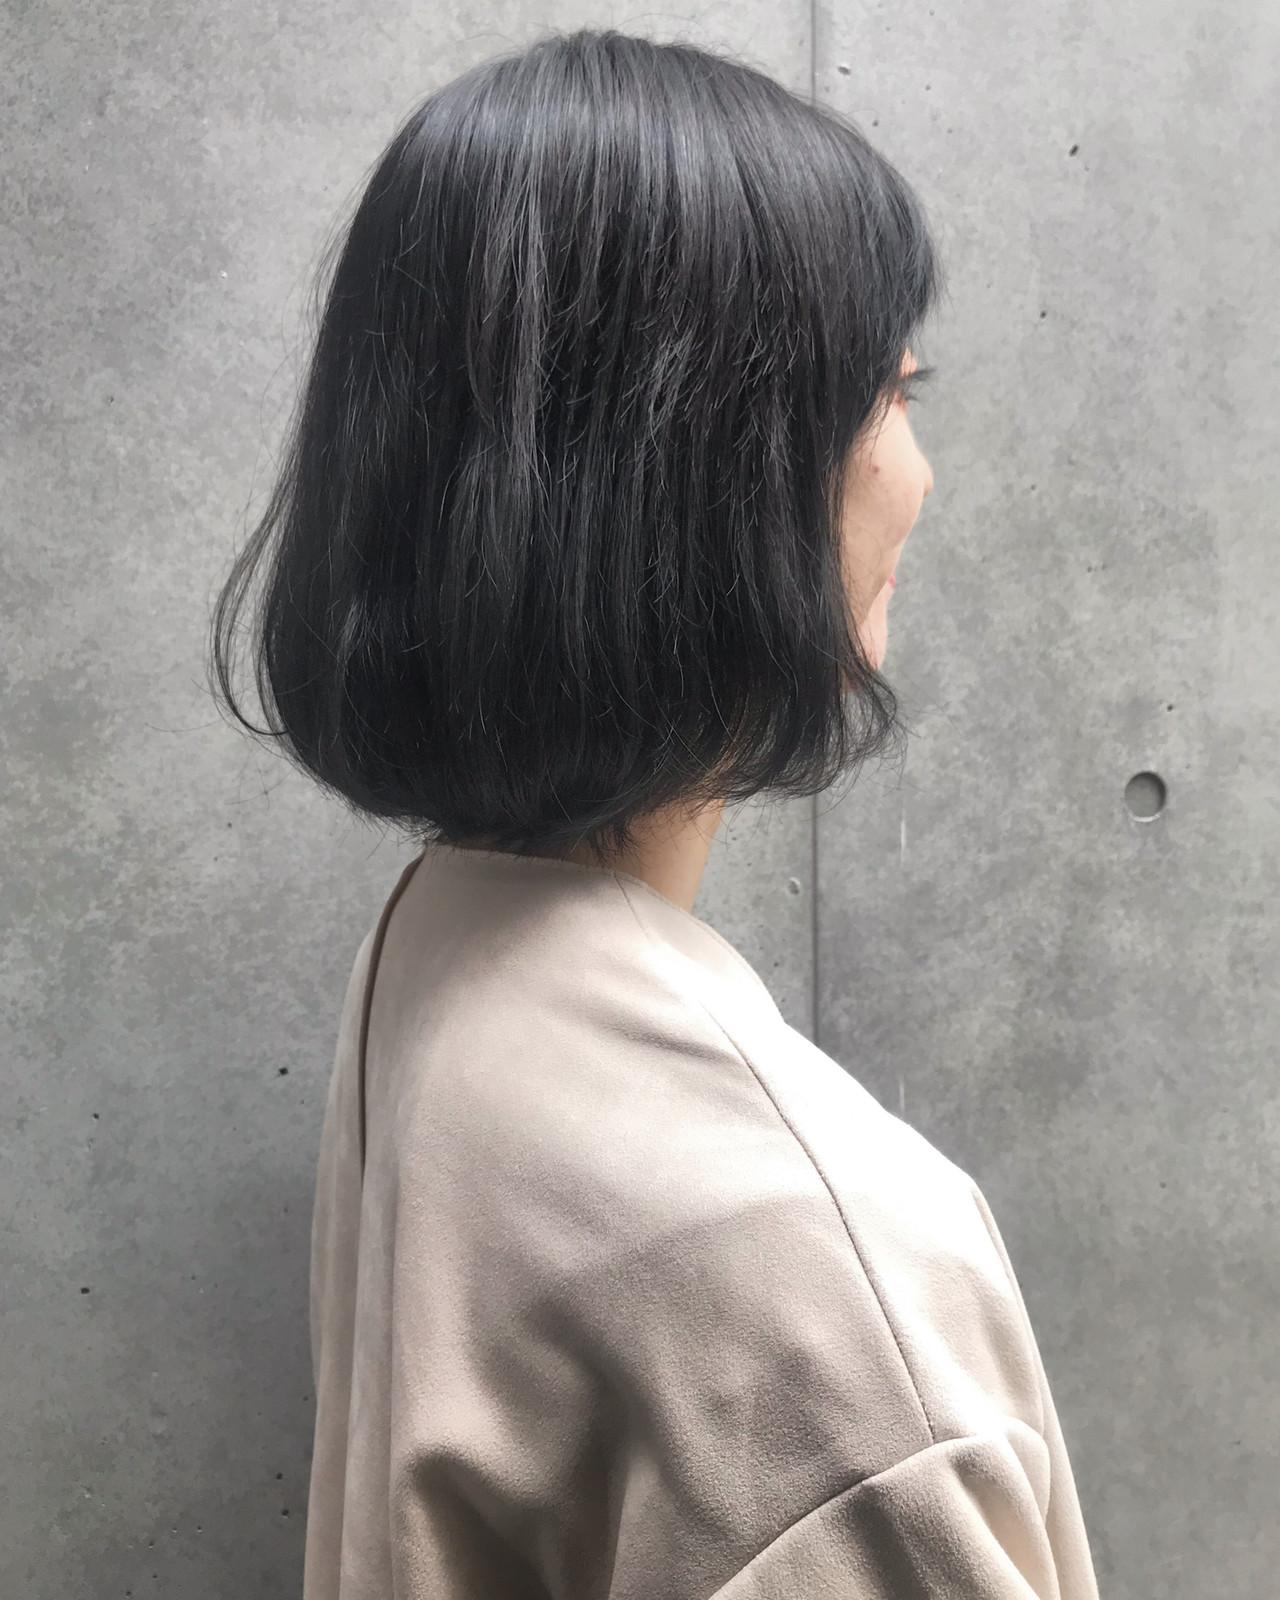 オフィス ラフ ナチュラル かわいい ヘアスタイルや髪型の写真・画像